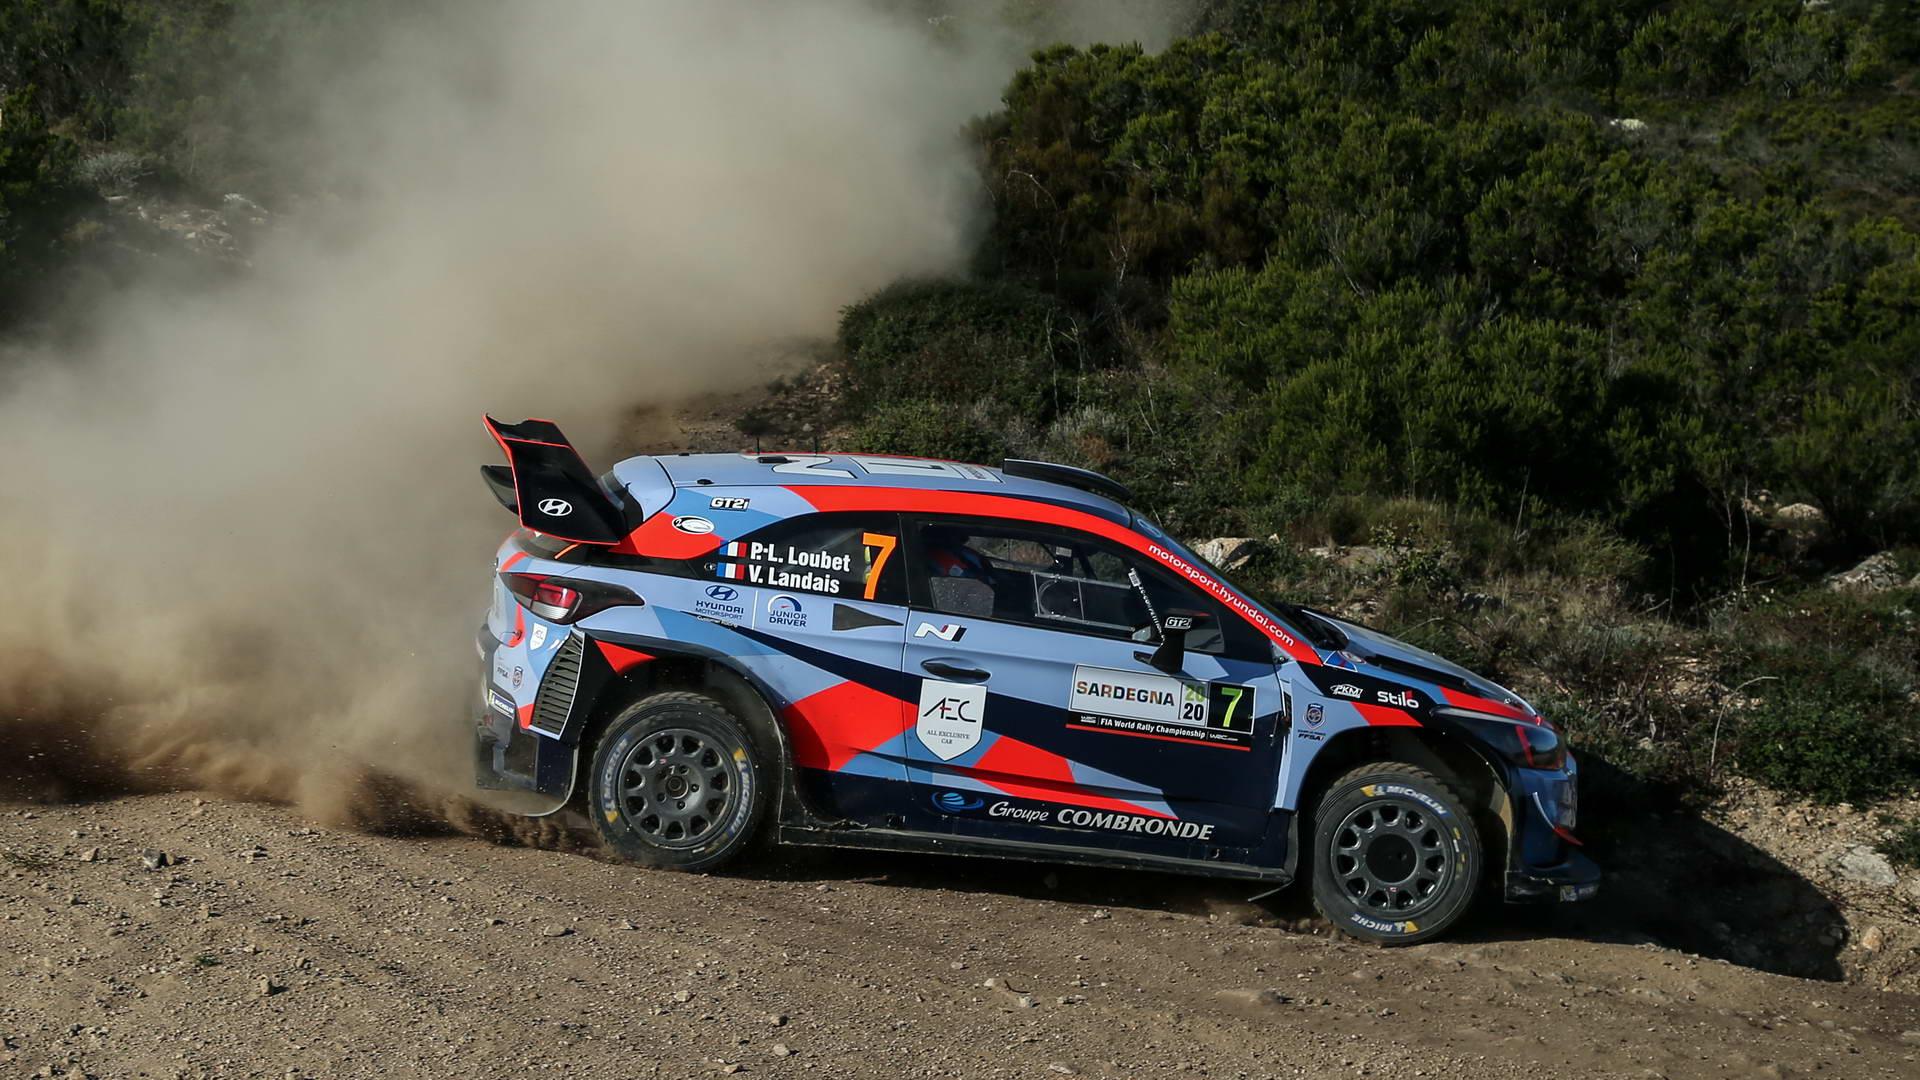 Πλήρες πρόγραμμα για τον Pierre Louis Loubet με το Hyundai i20 Coupe WRC